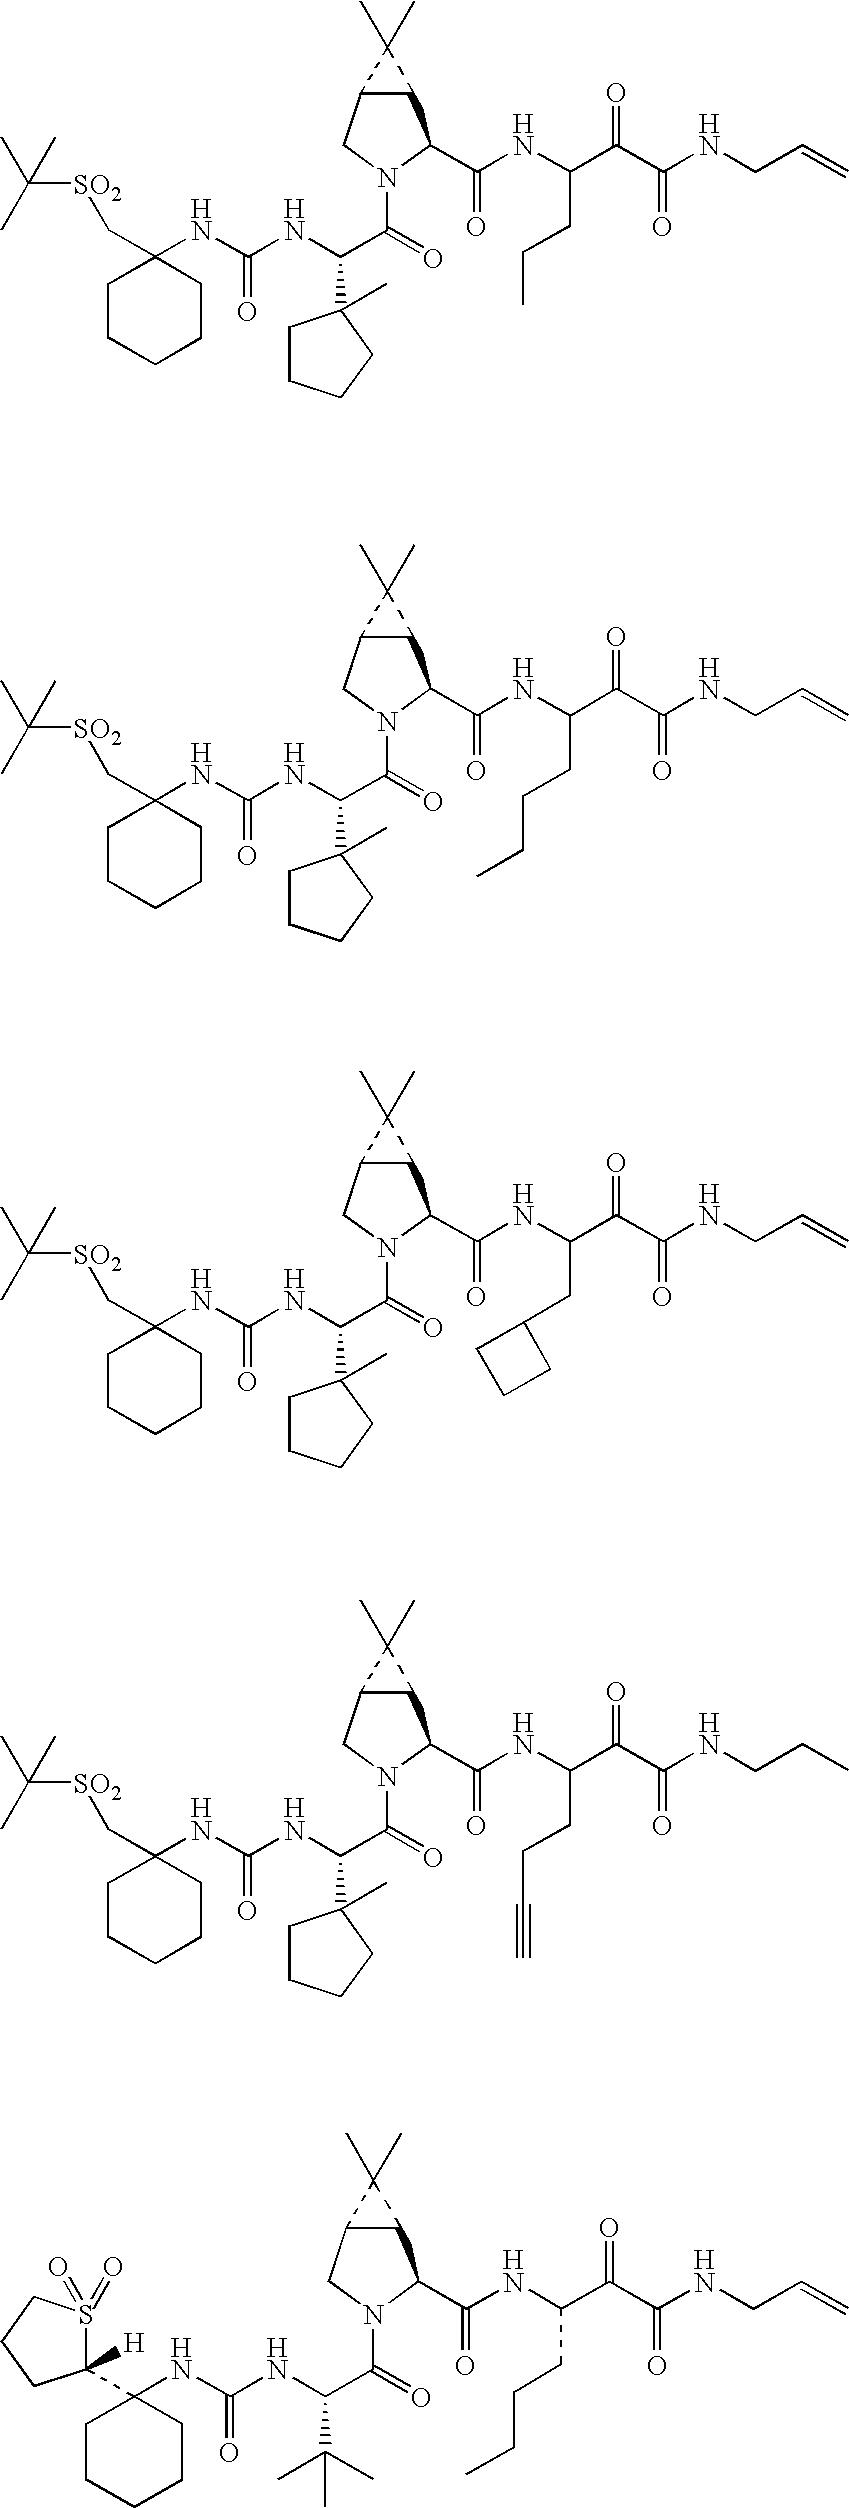 Figure US20060287248A1-20061221-C00477